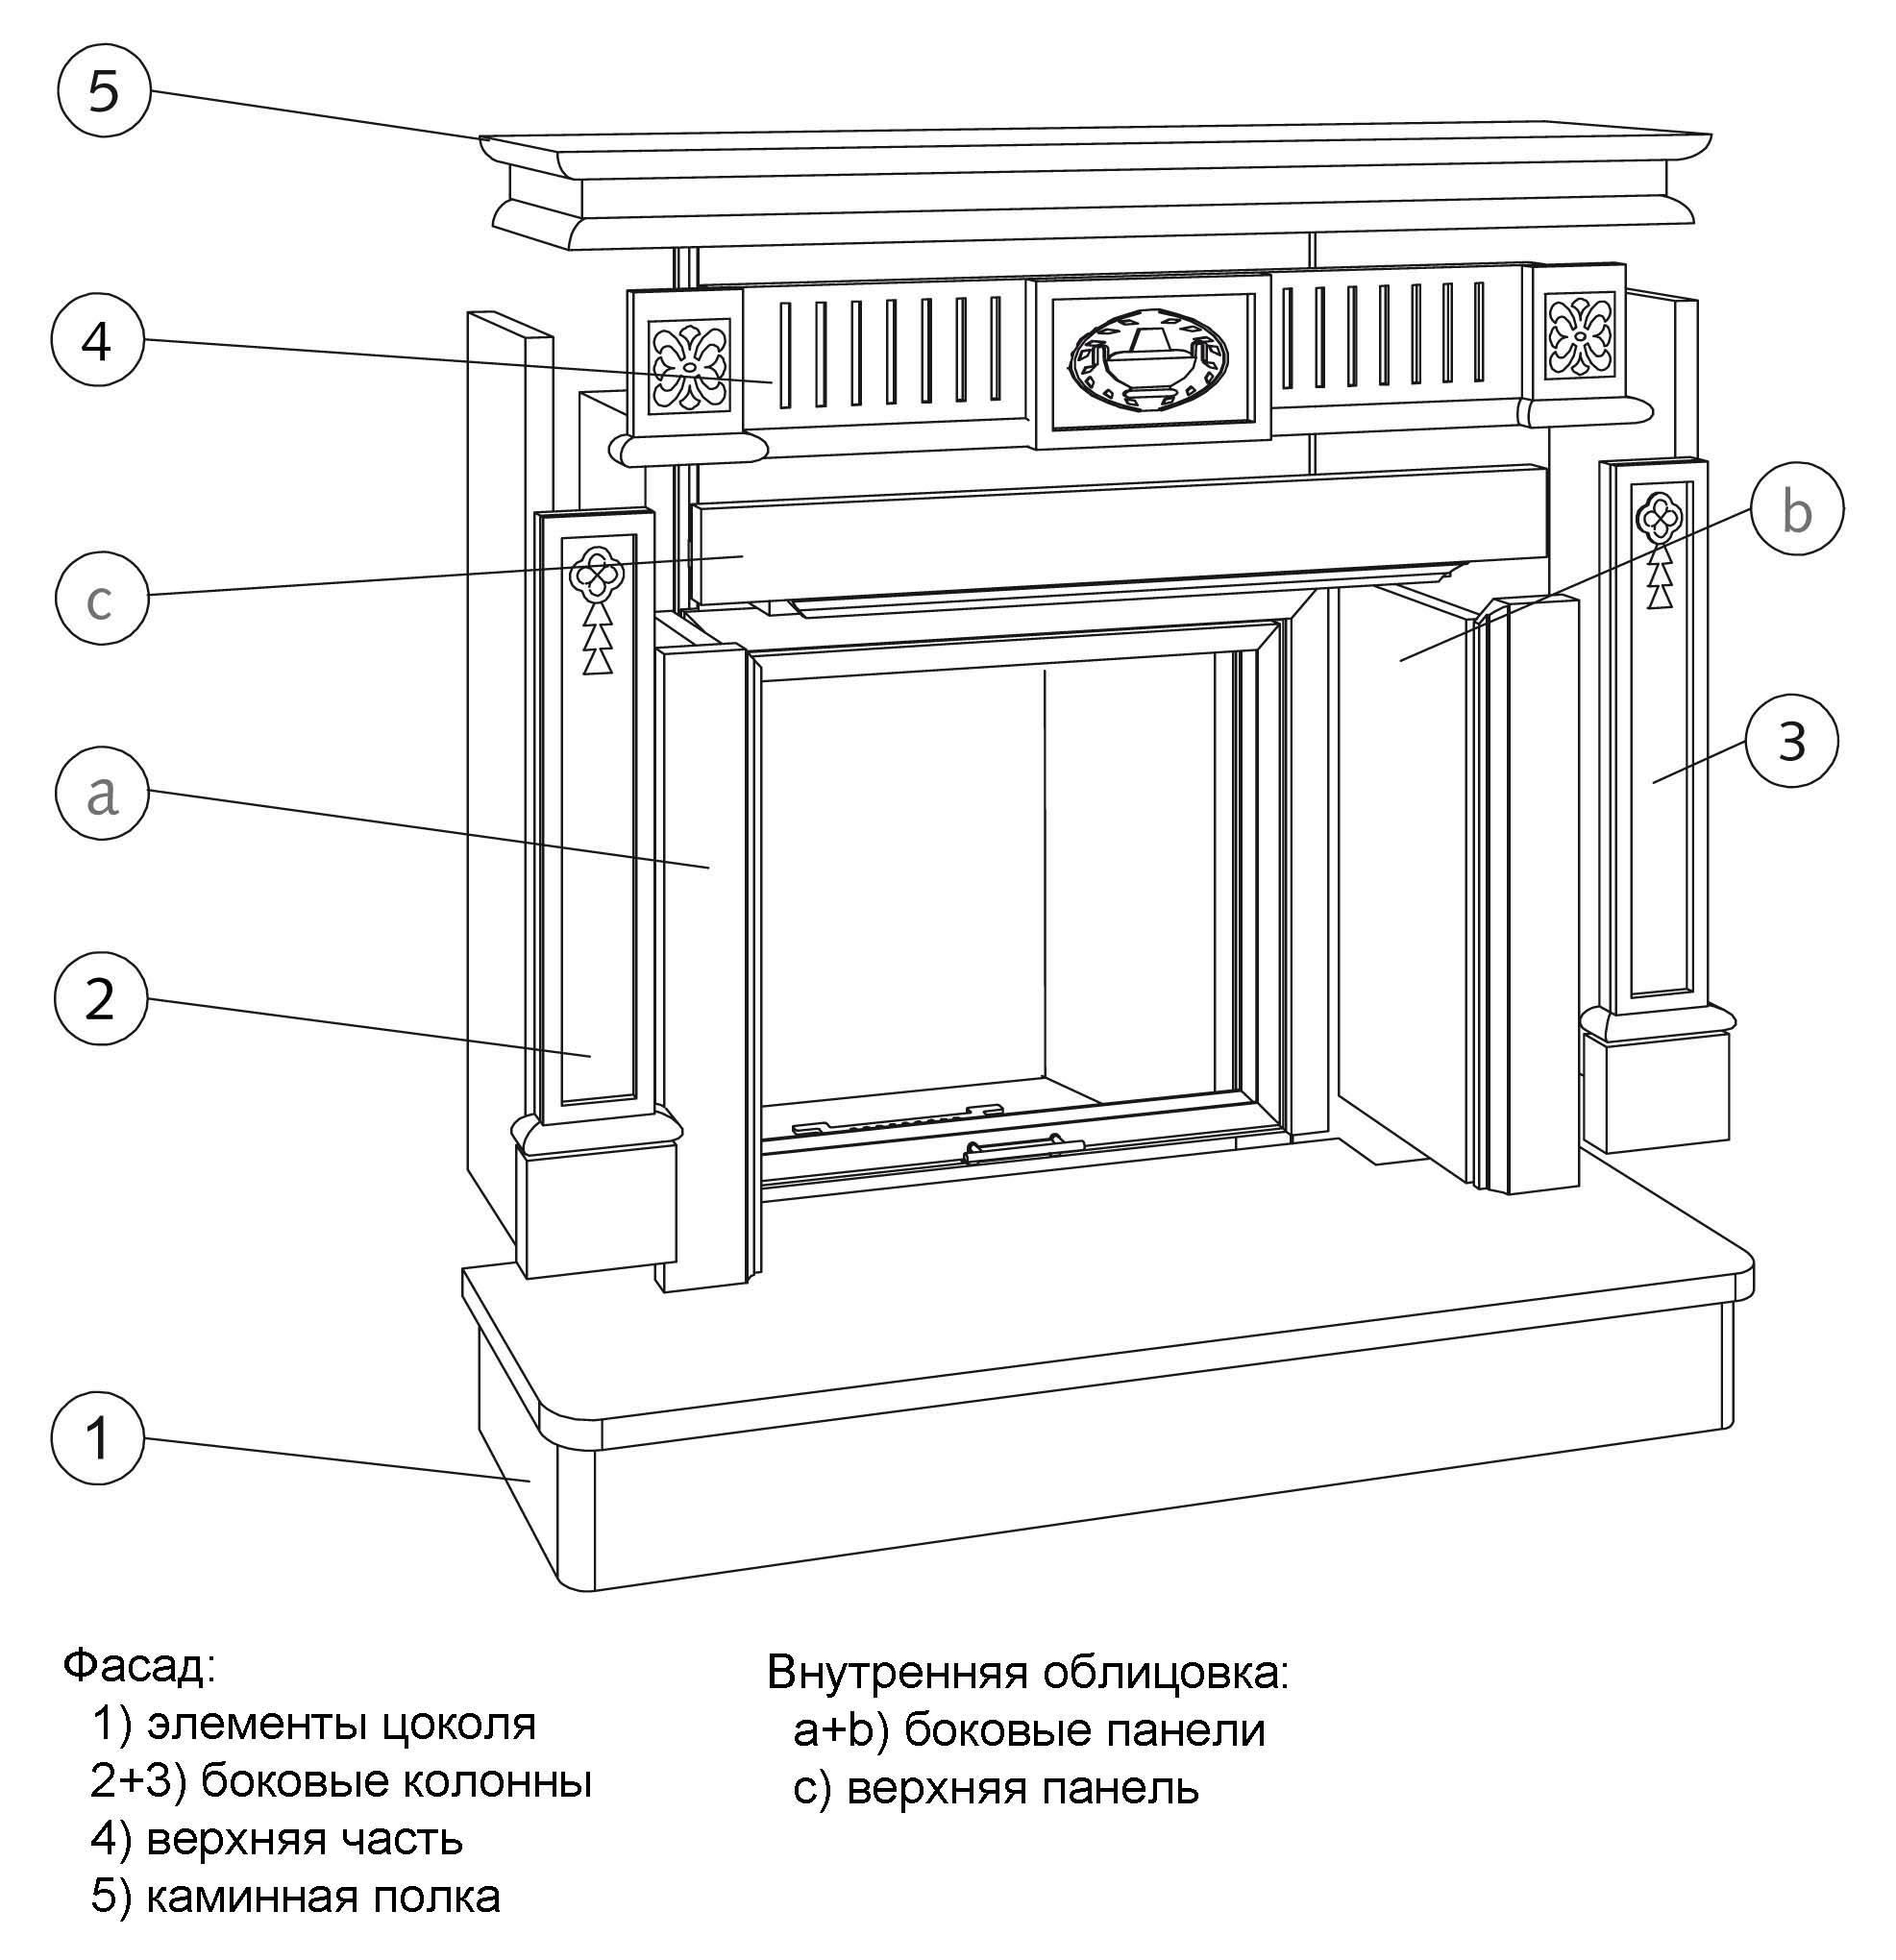 Как сделать камин из гипсокартона: подробная инструкция и советы по постройке фальш-каминов своими руками (125 фото и видео)